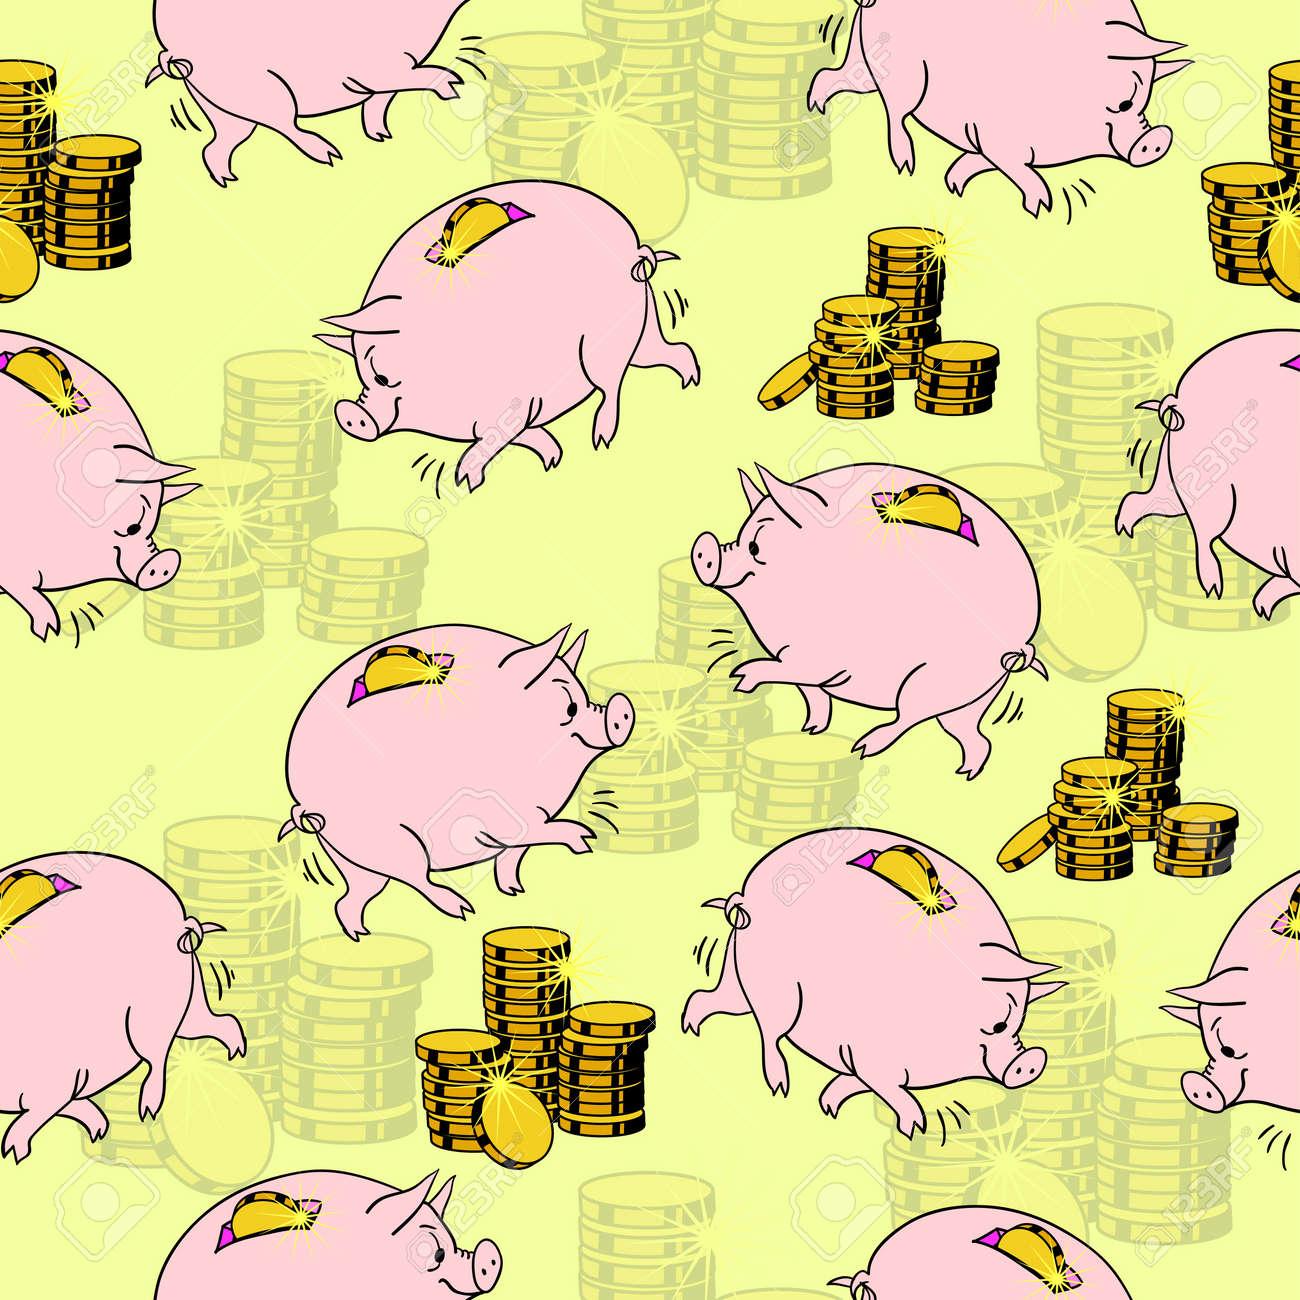 Pig piggy bank, gold coins. Seamless wallpaper. Stock Vector - 11299095